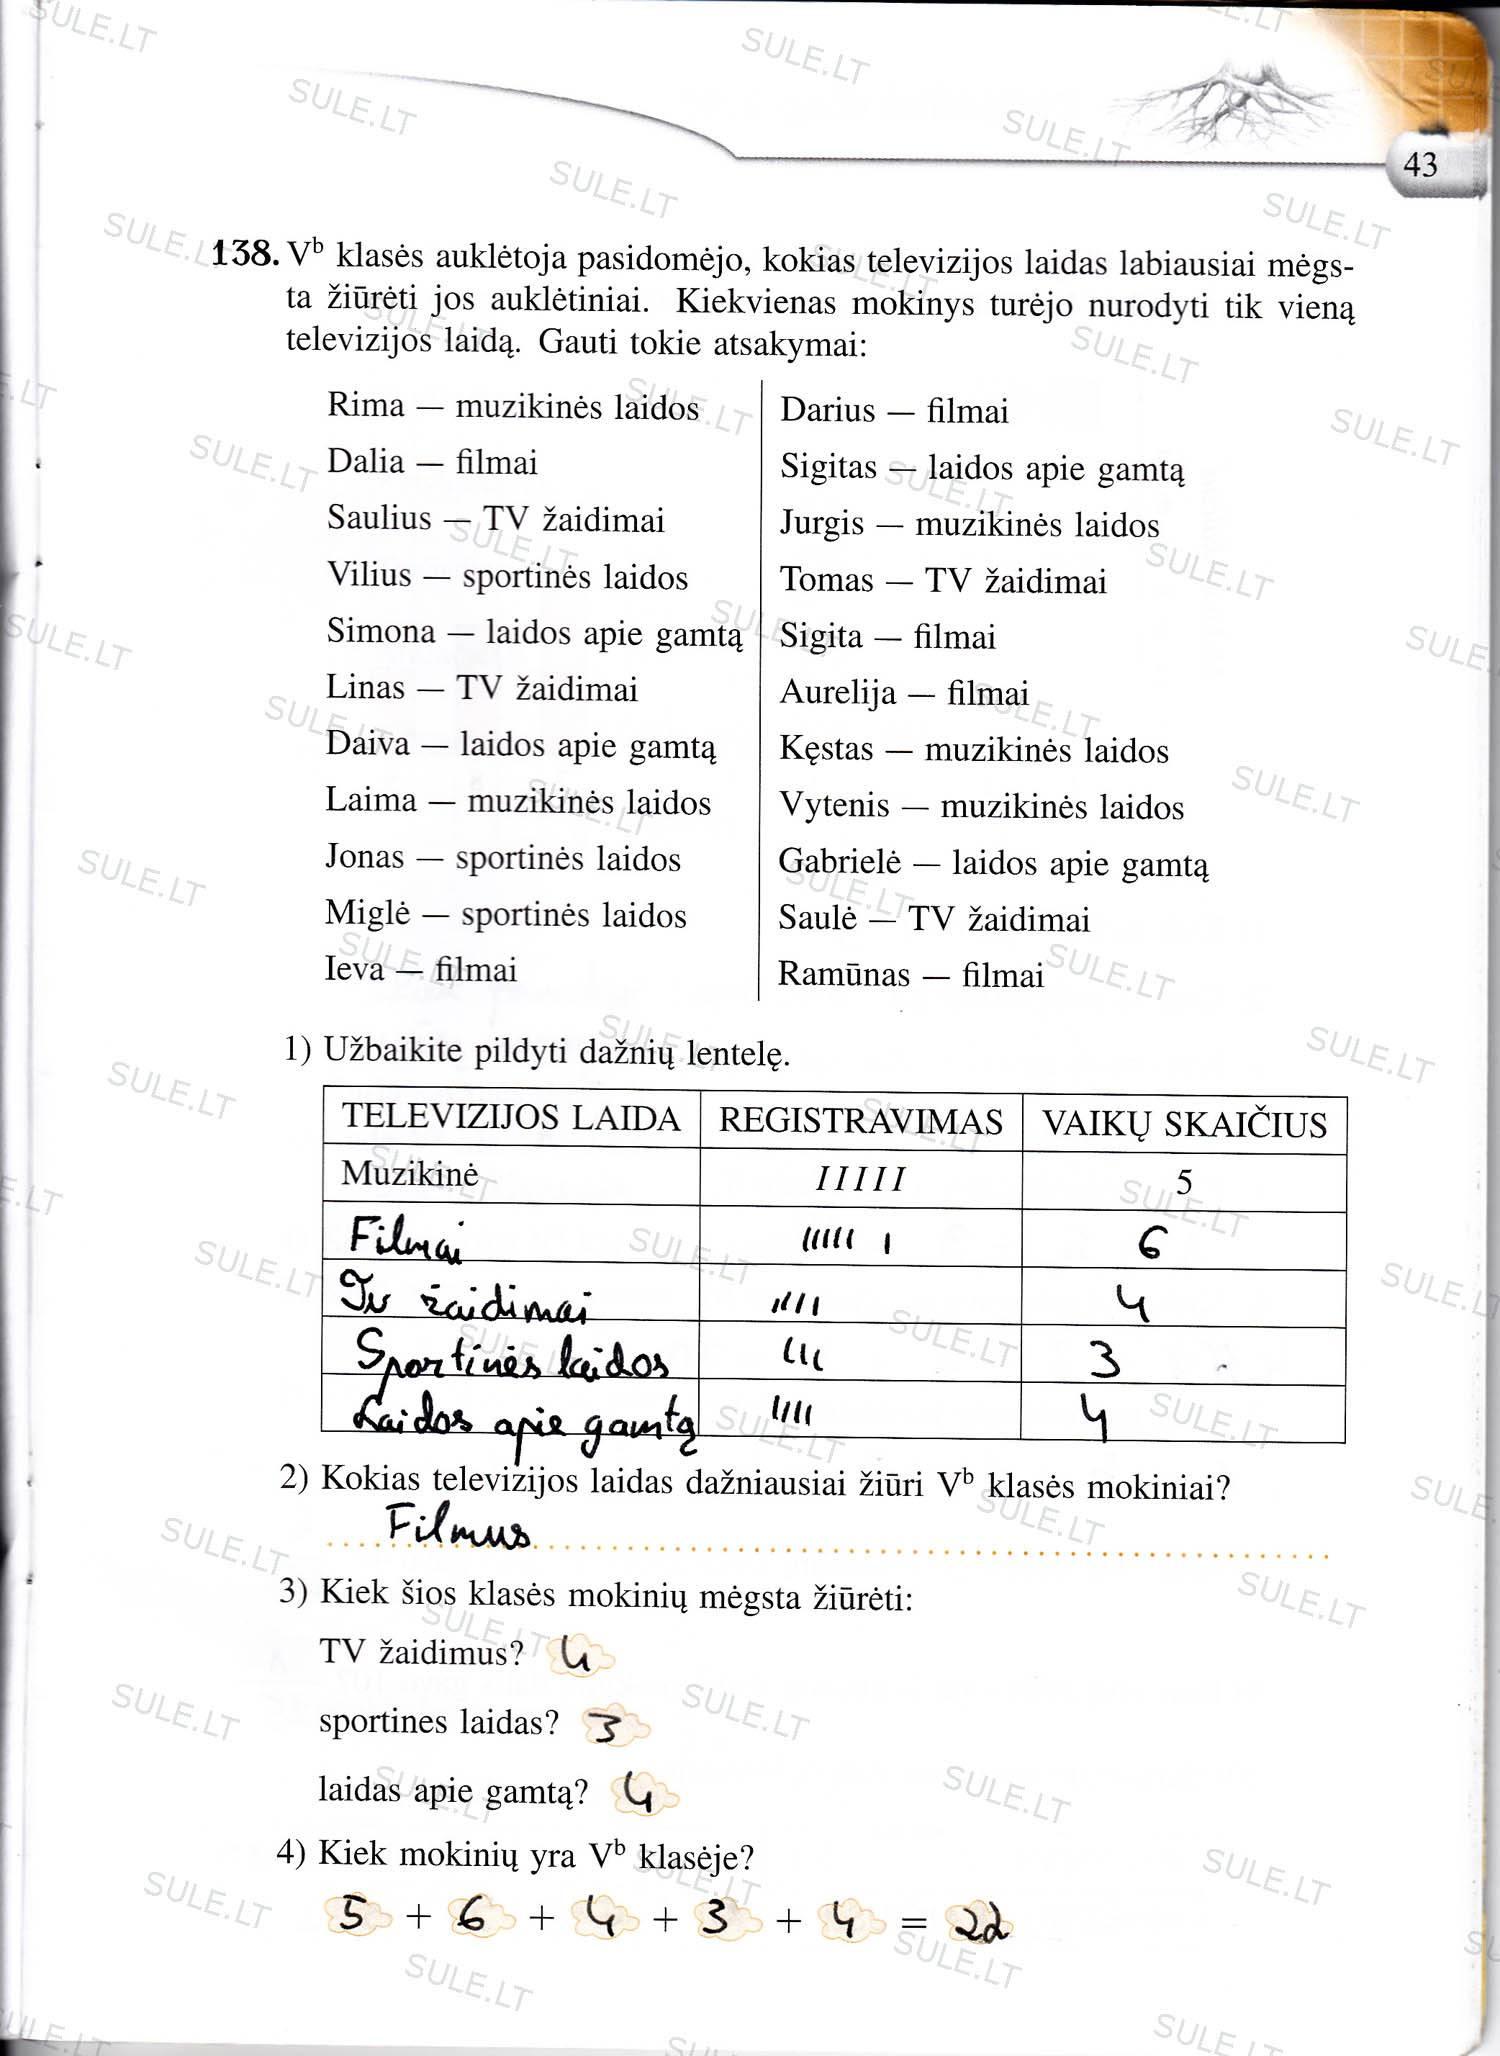 Peržiūrėti puslapį 44